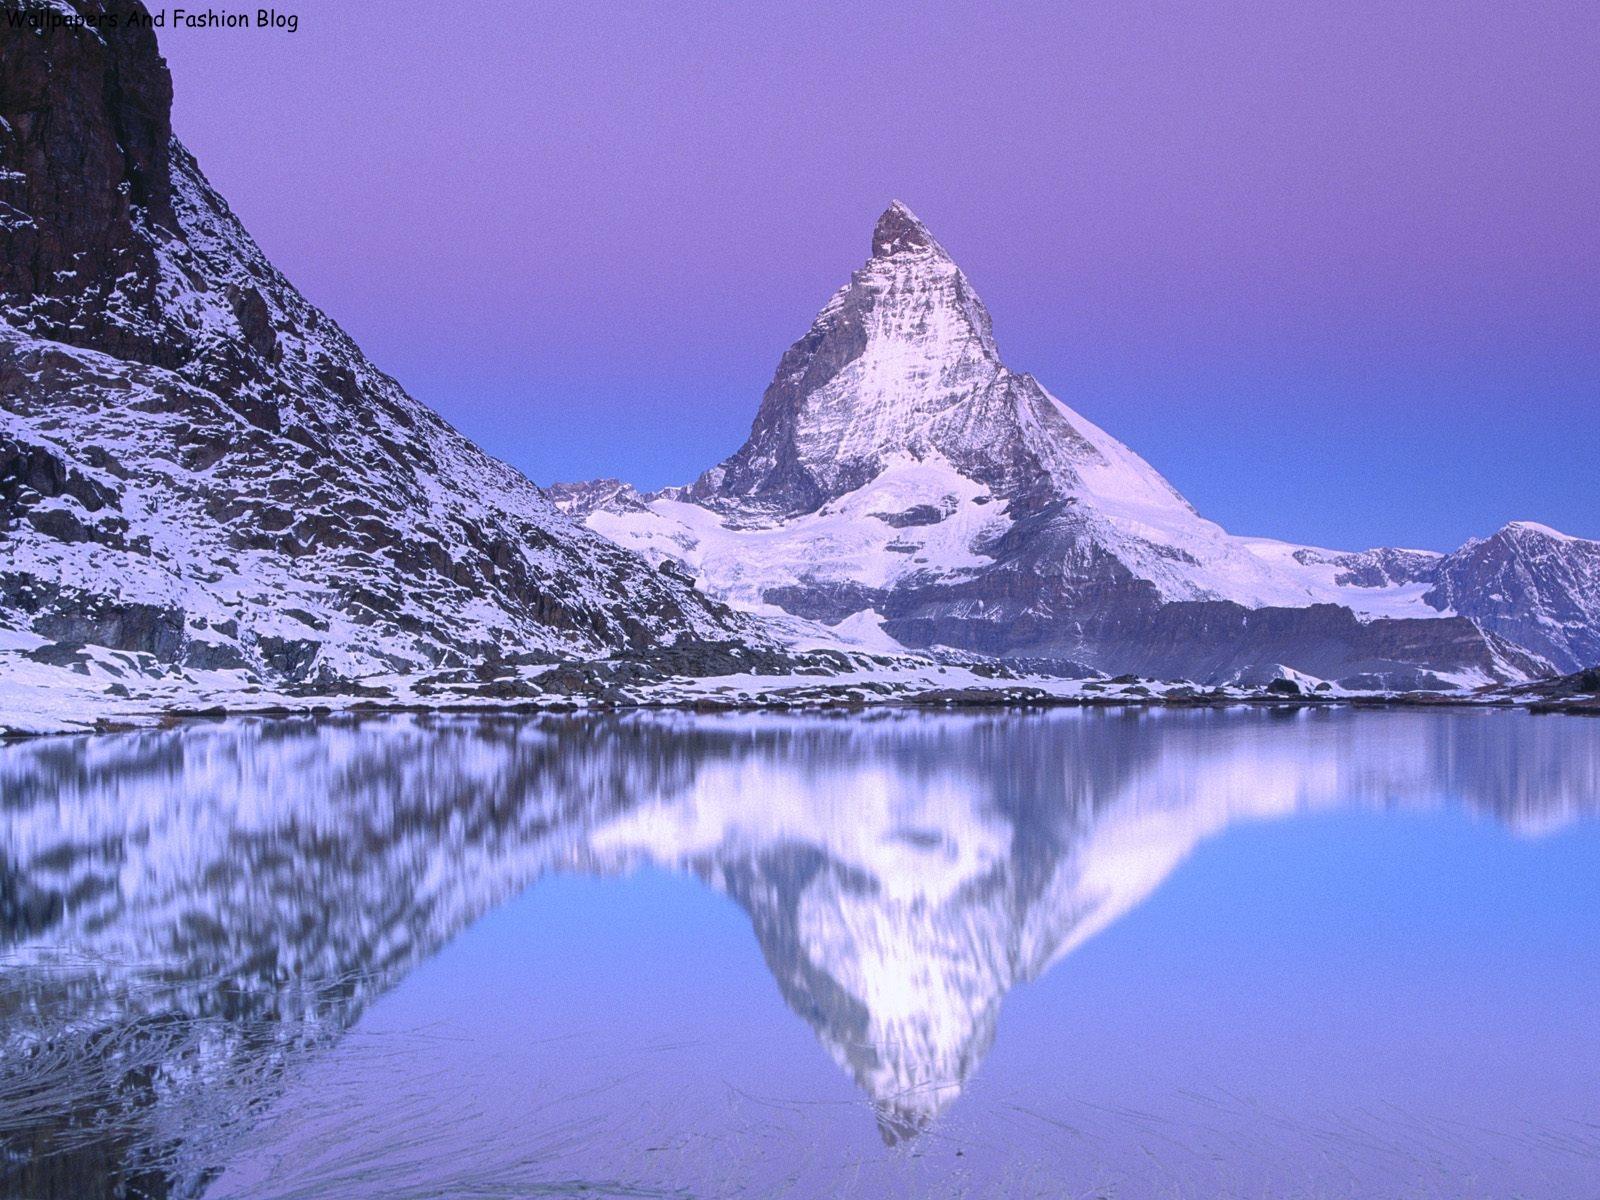 http://1.bp.blogspot.com/-CDH7fE-Nnzs/UCxWuhgQbEI/AAAAAAAAEU8/HATgLga2Yz4/s1600/Mount+Matterhorn,+Lake+Riffelsee,+Switzerland.jpg